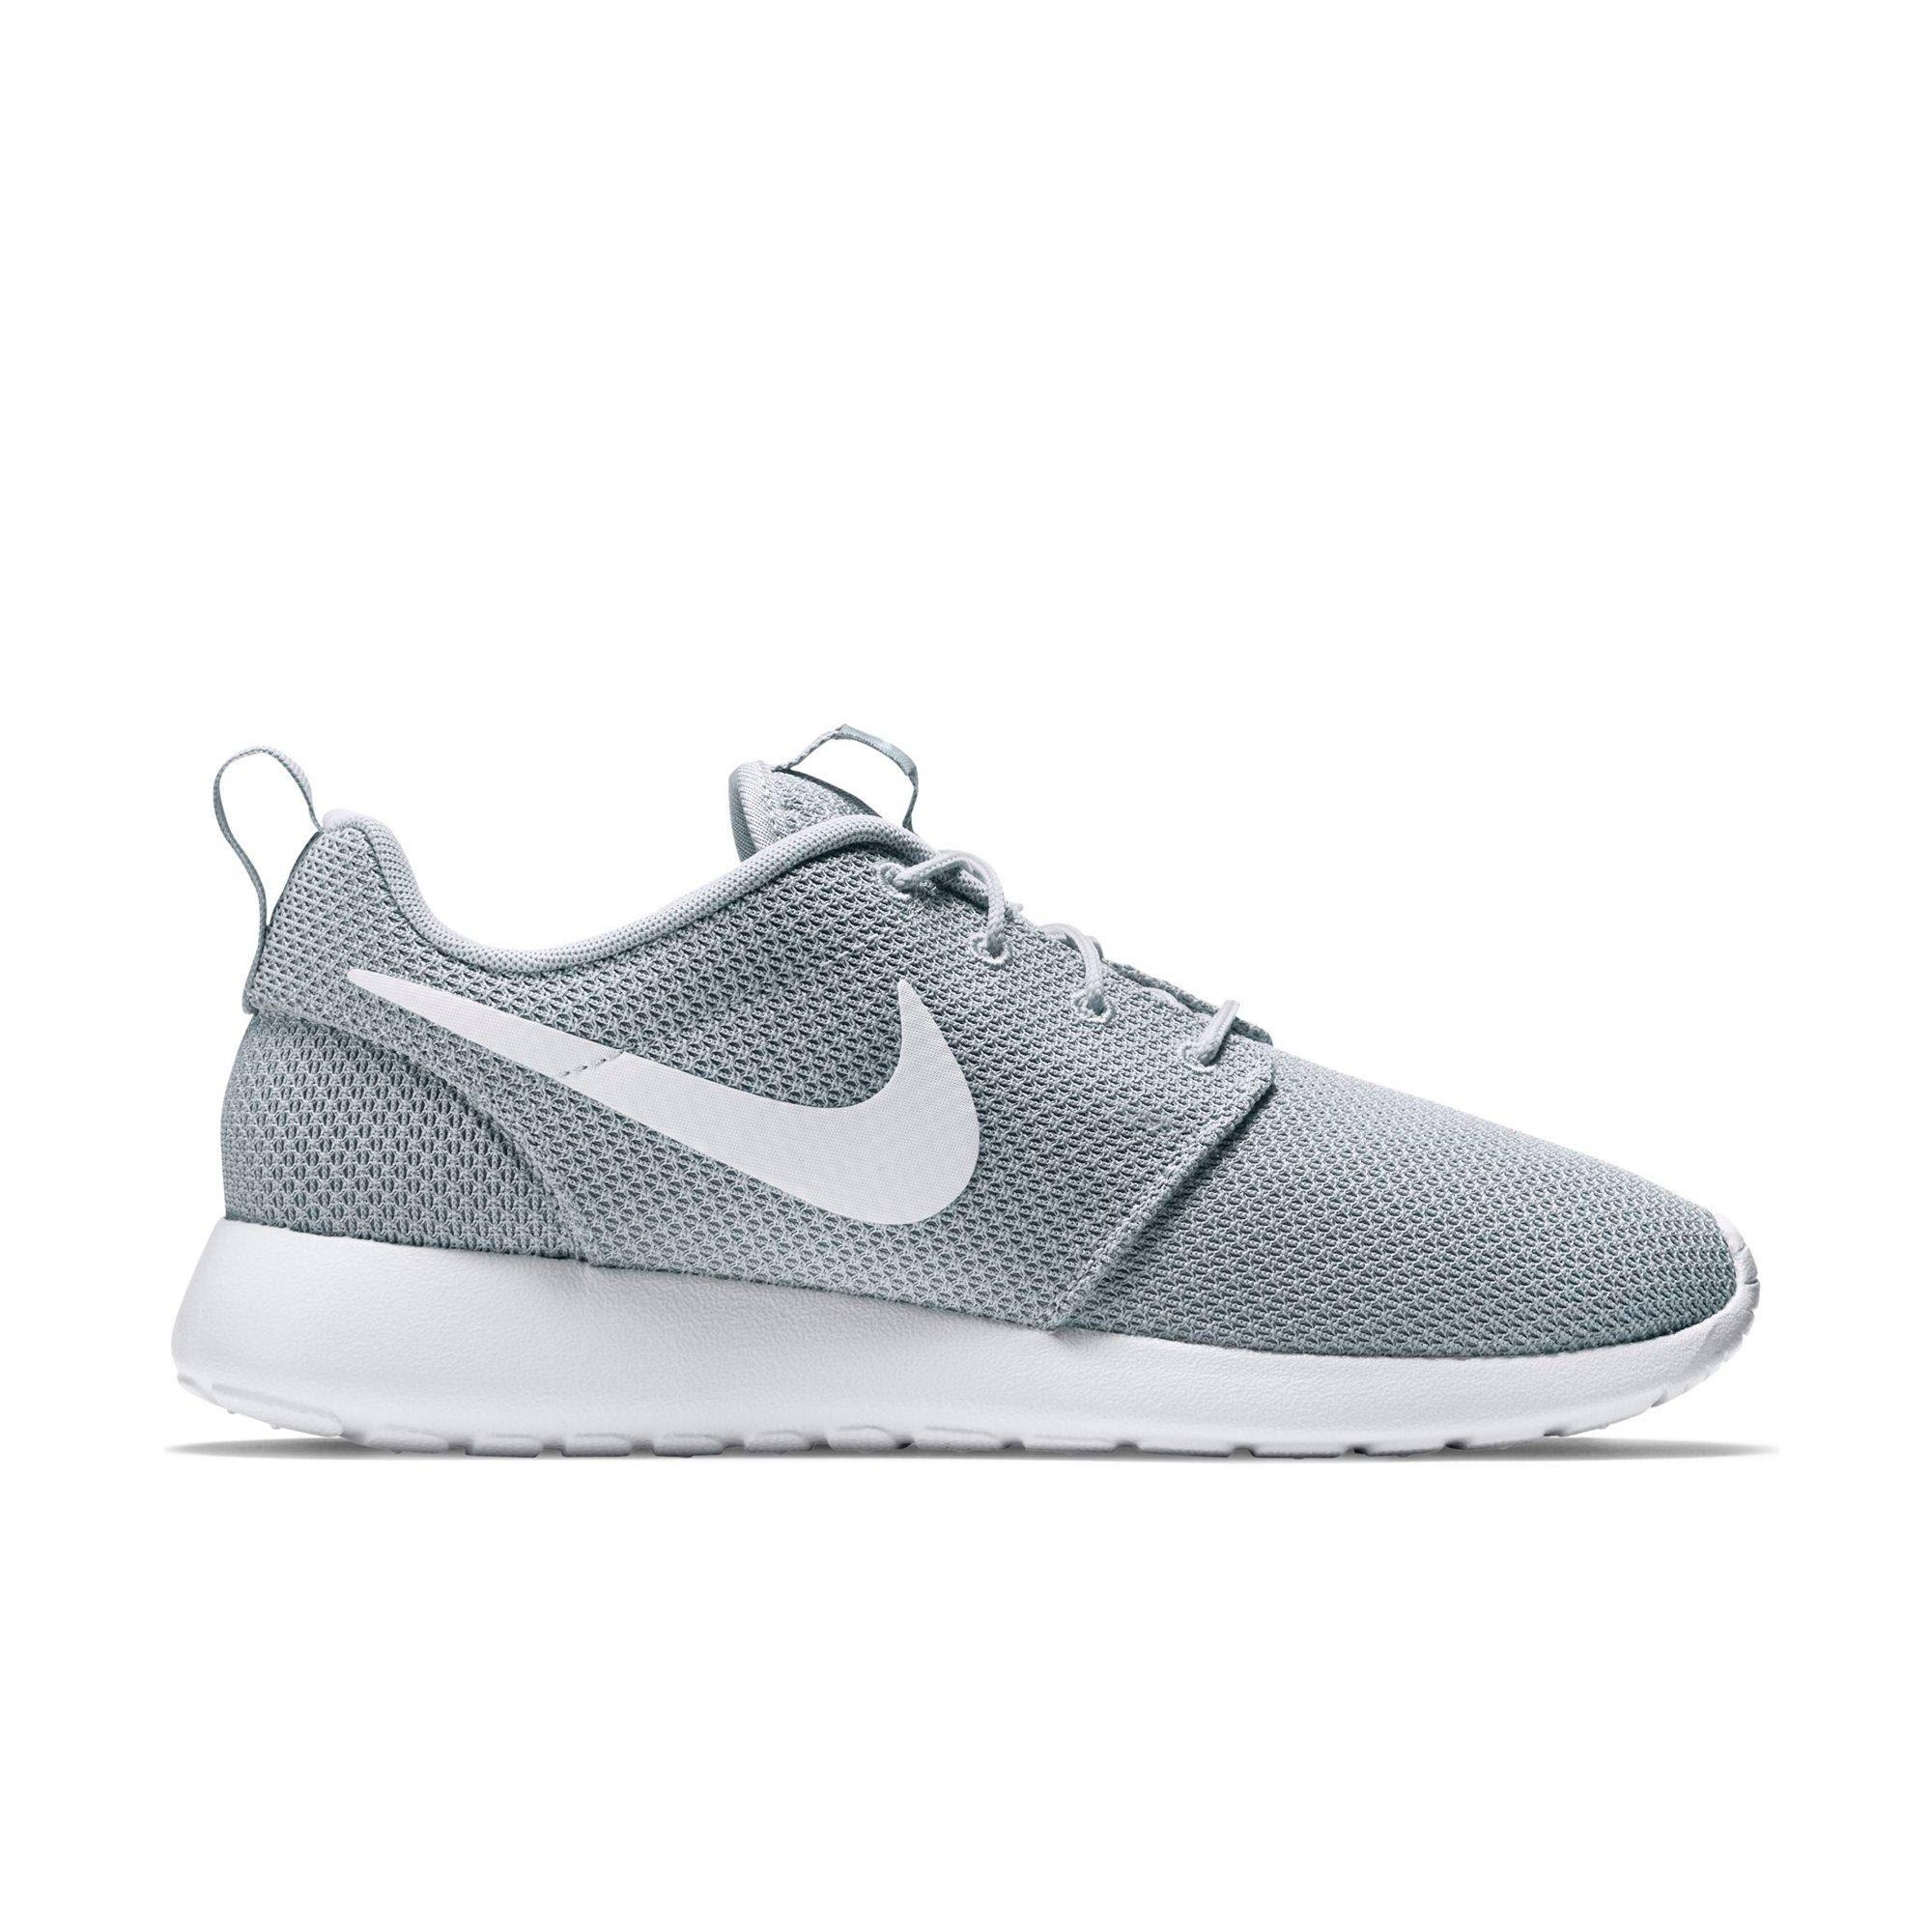 Scarpe Da GrigioBiancoTaglia 12 Running Nike Roshe OneUomoLupo bvY76gyf